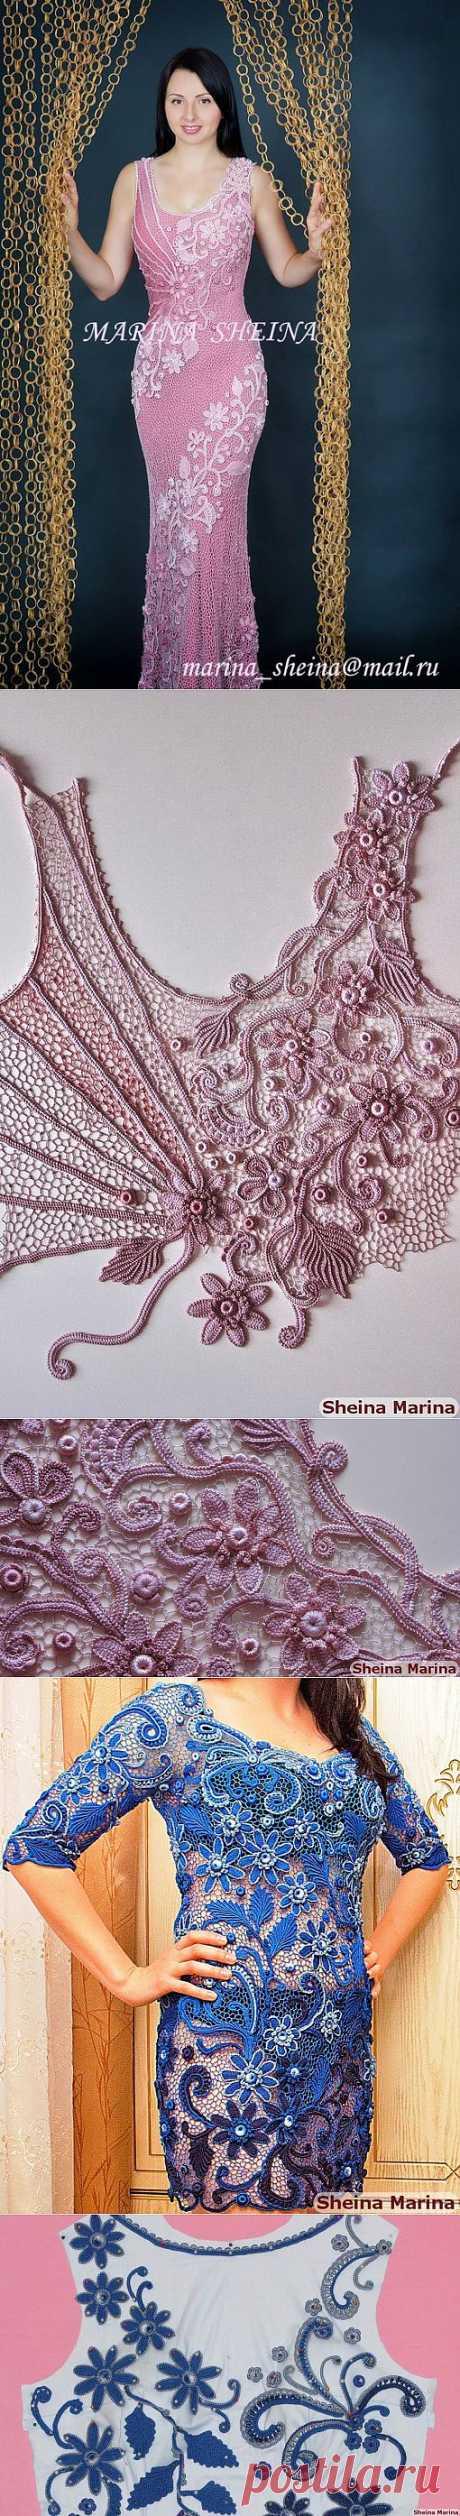 Ирландское кружево Марины Шеиной.